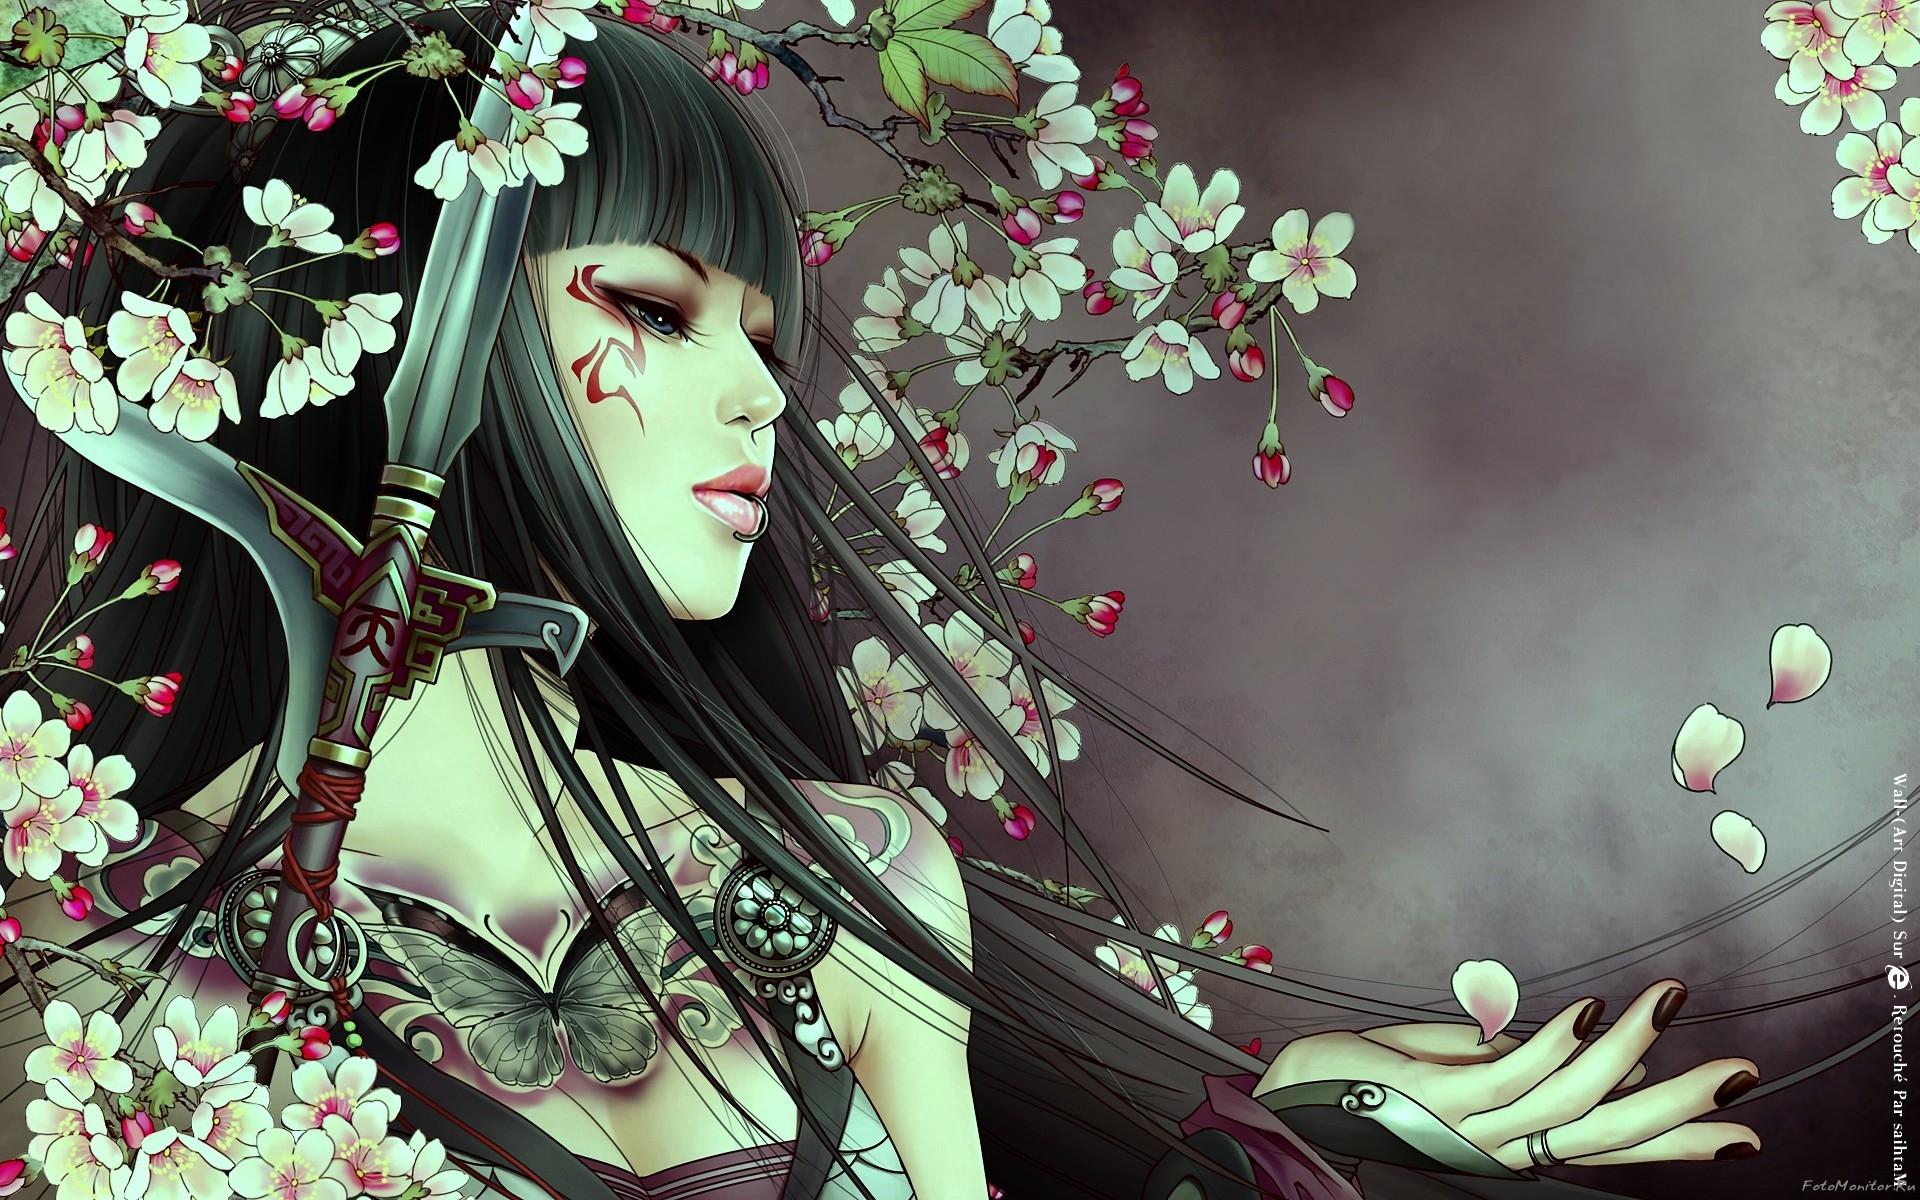 Аниме самурай девушка, хентай, 1920 на 1200 пикселей